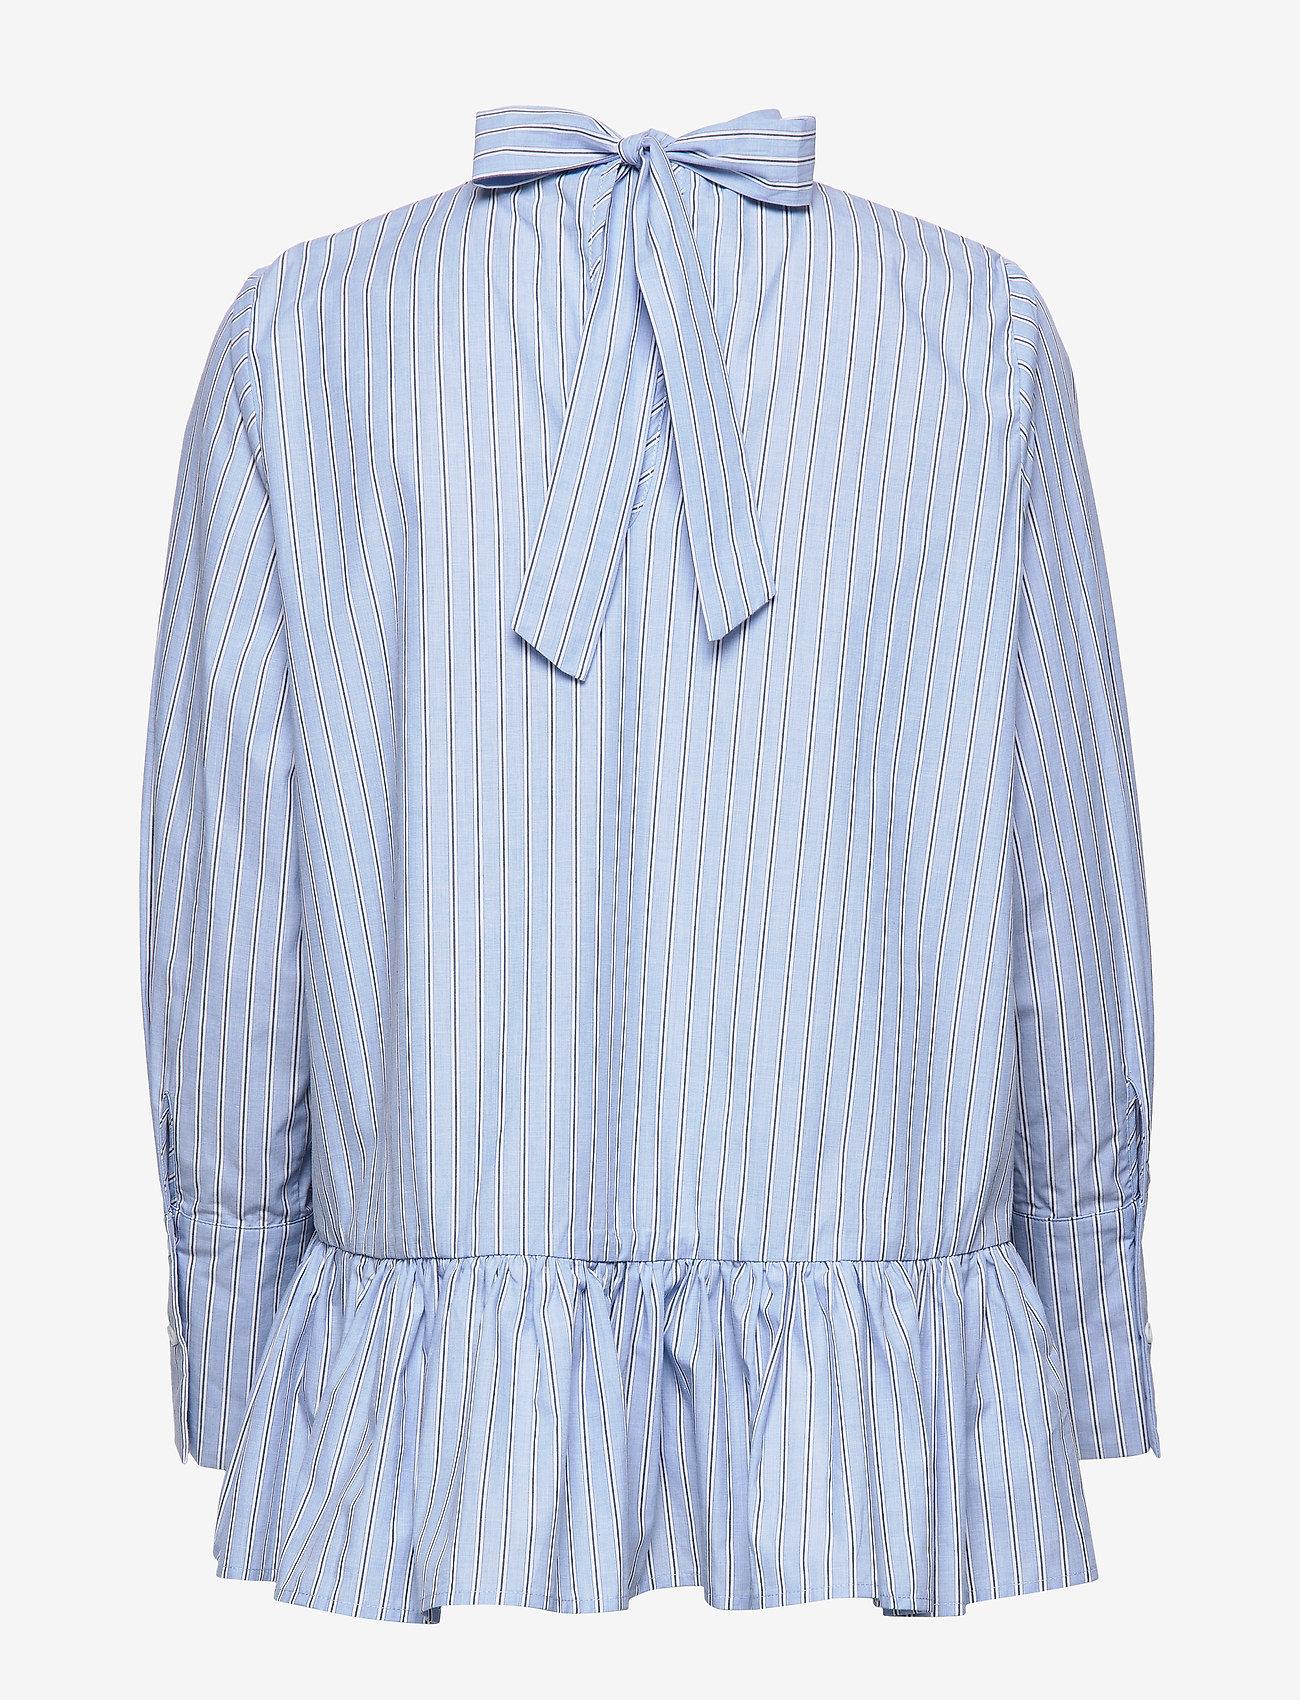 Aldina Shirt (Blue Stripe) - By Malina jHYxyU